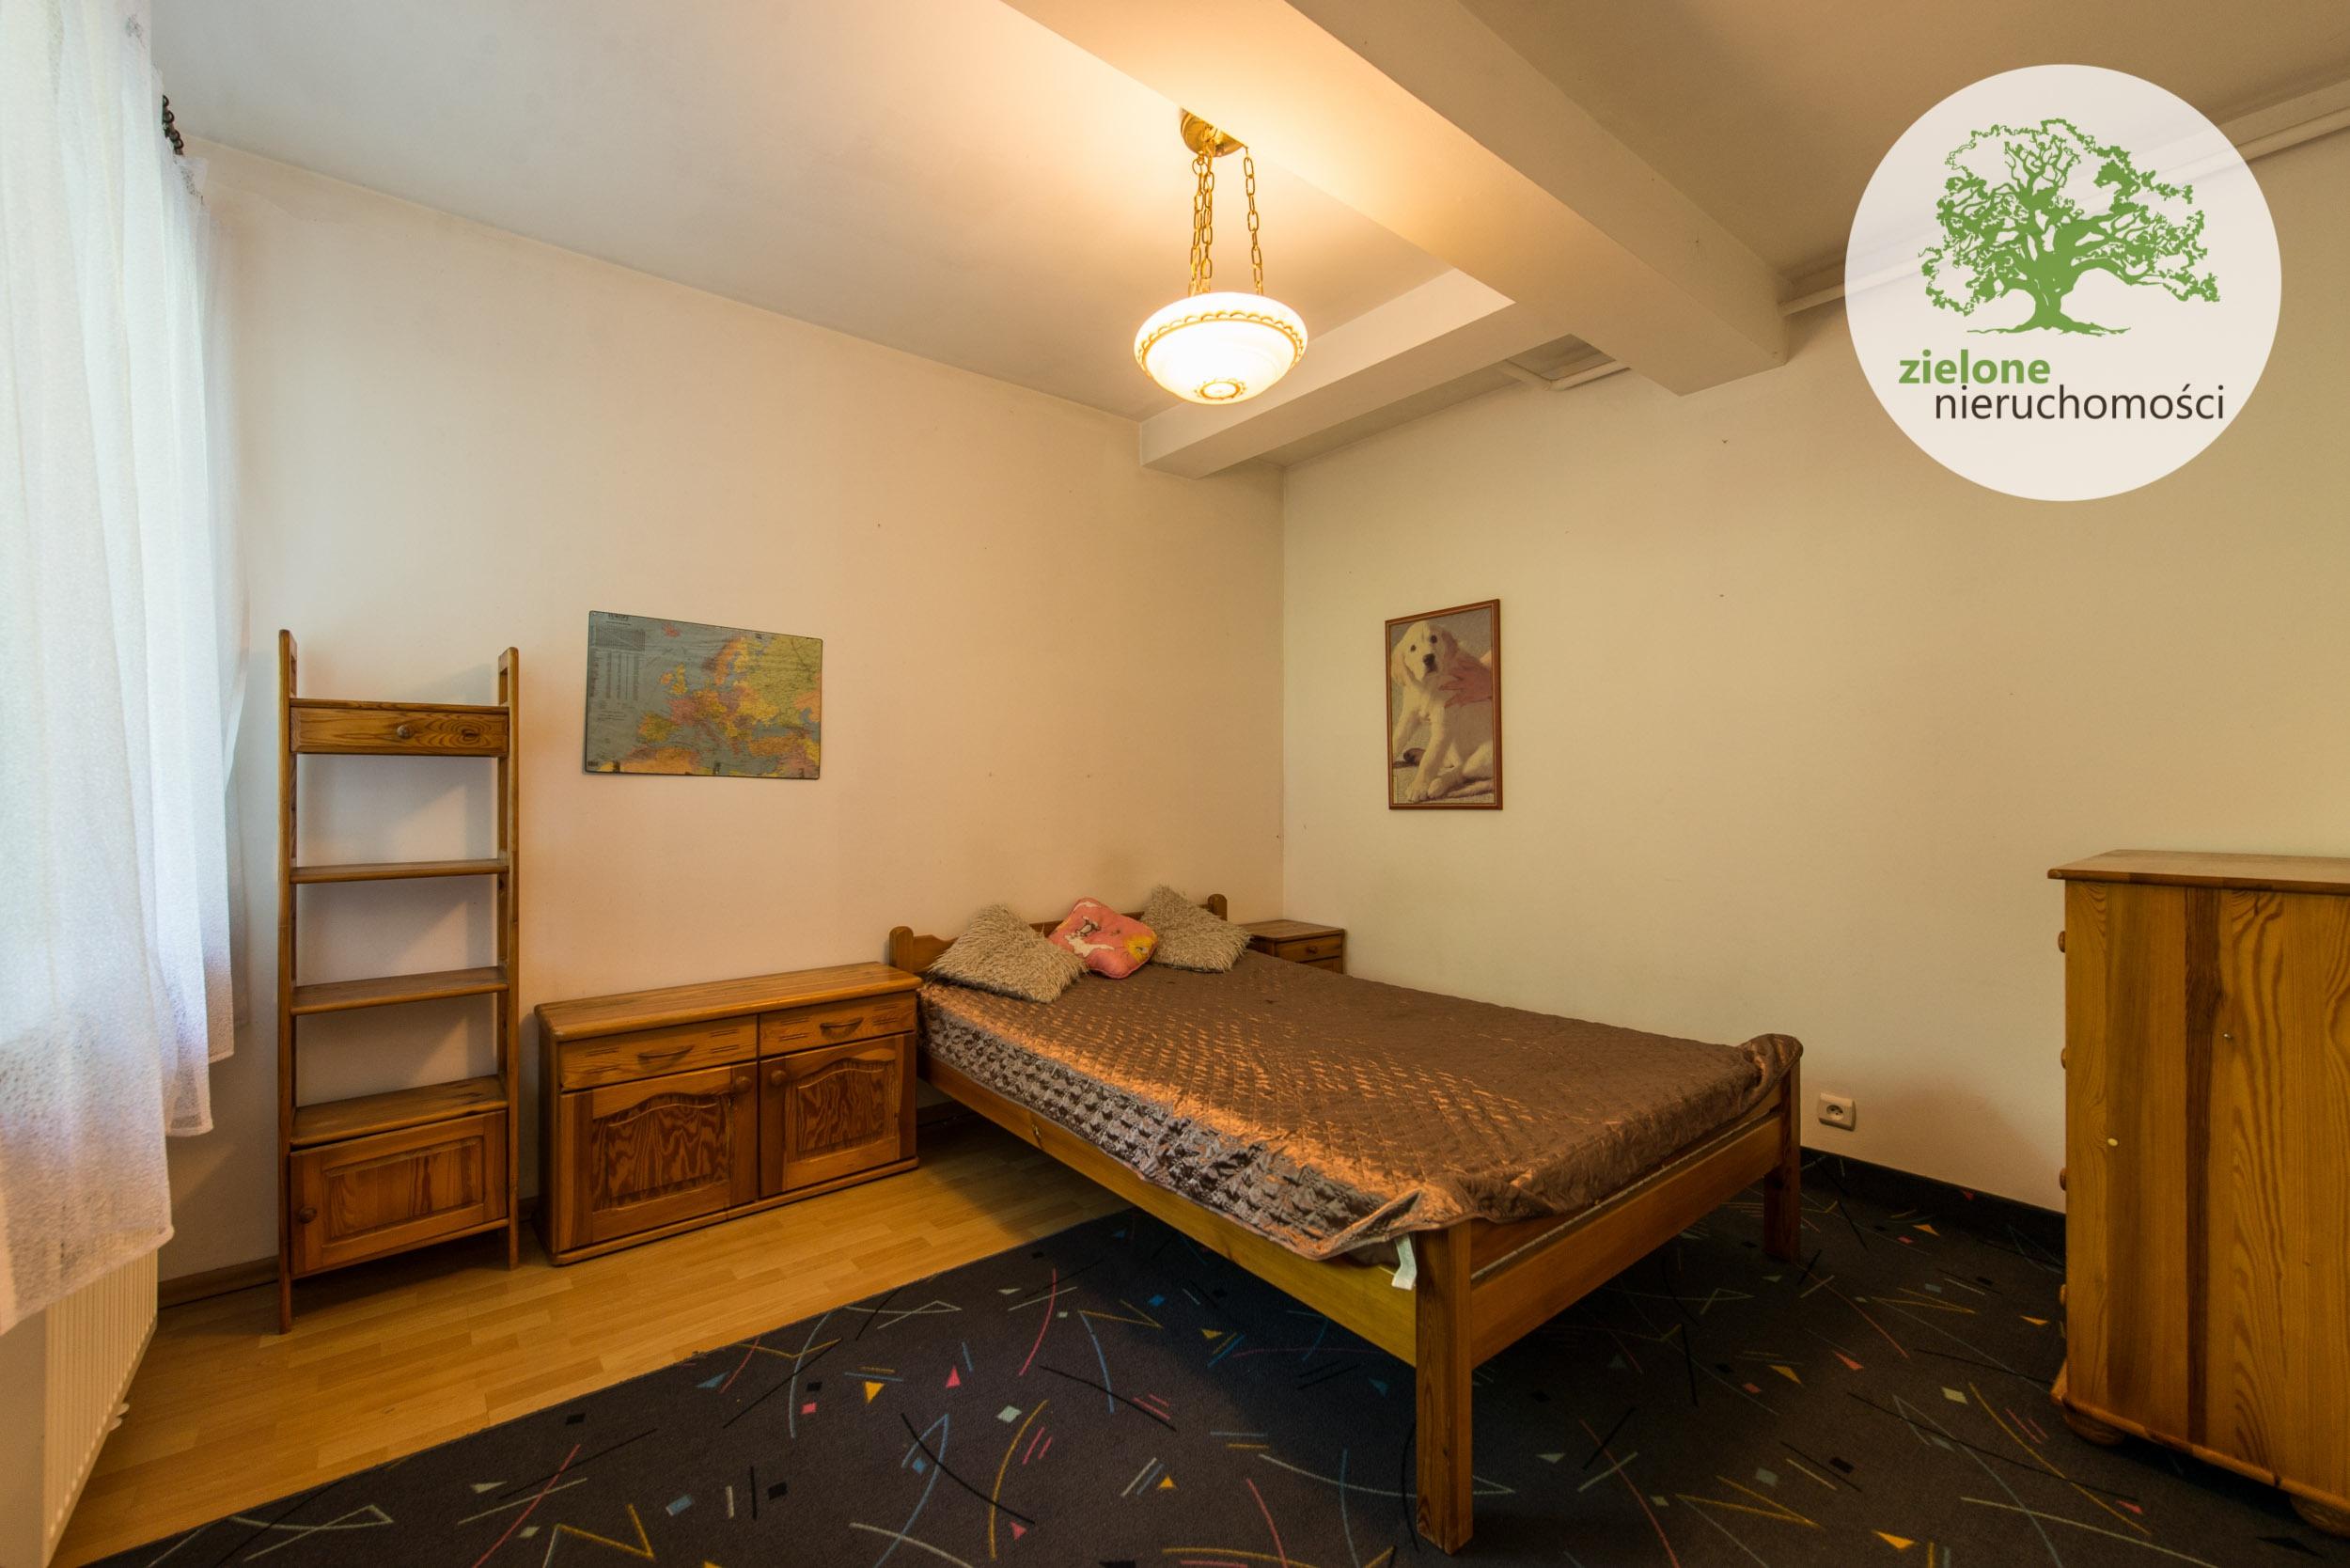 Zdjęcie 7Dwupokojowe mieszkanie na wynajem w zabudowie szeregowej